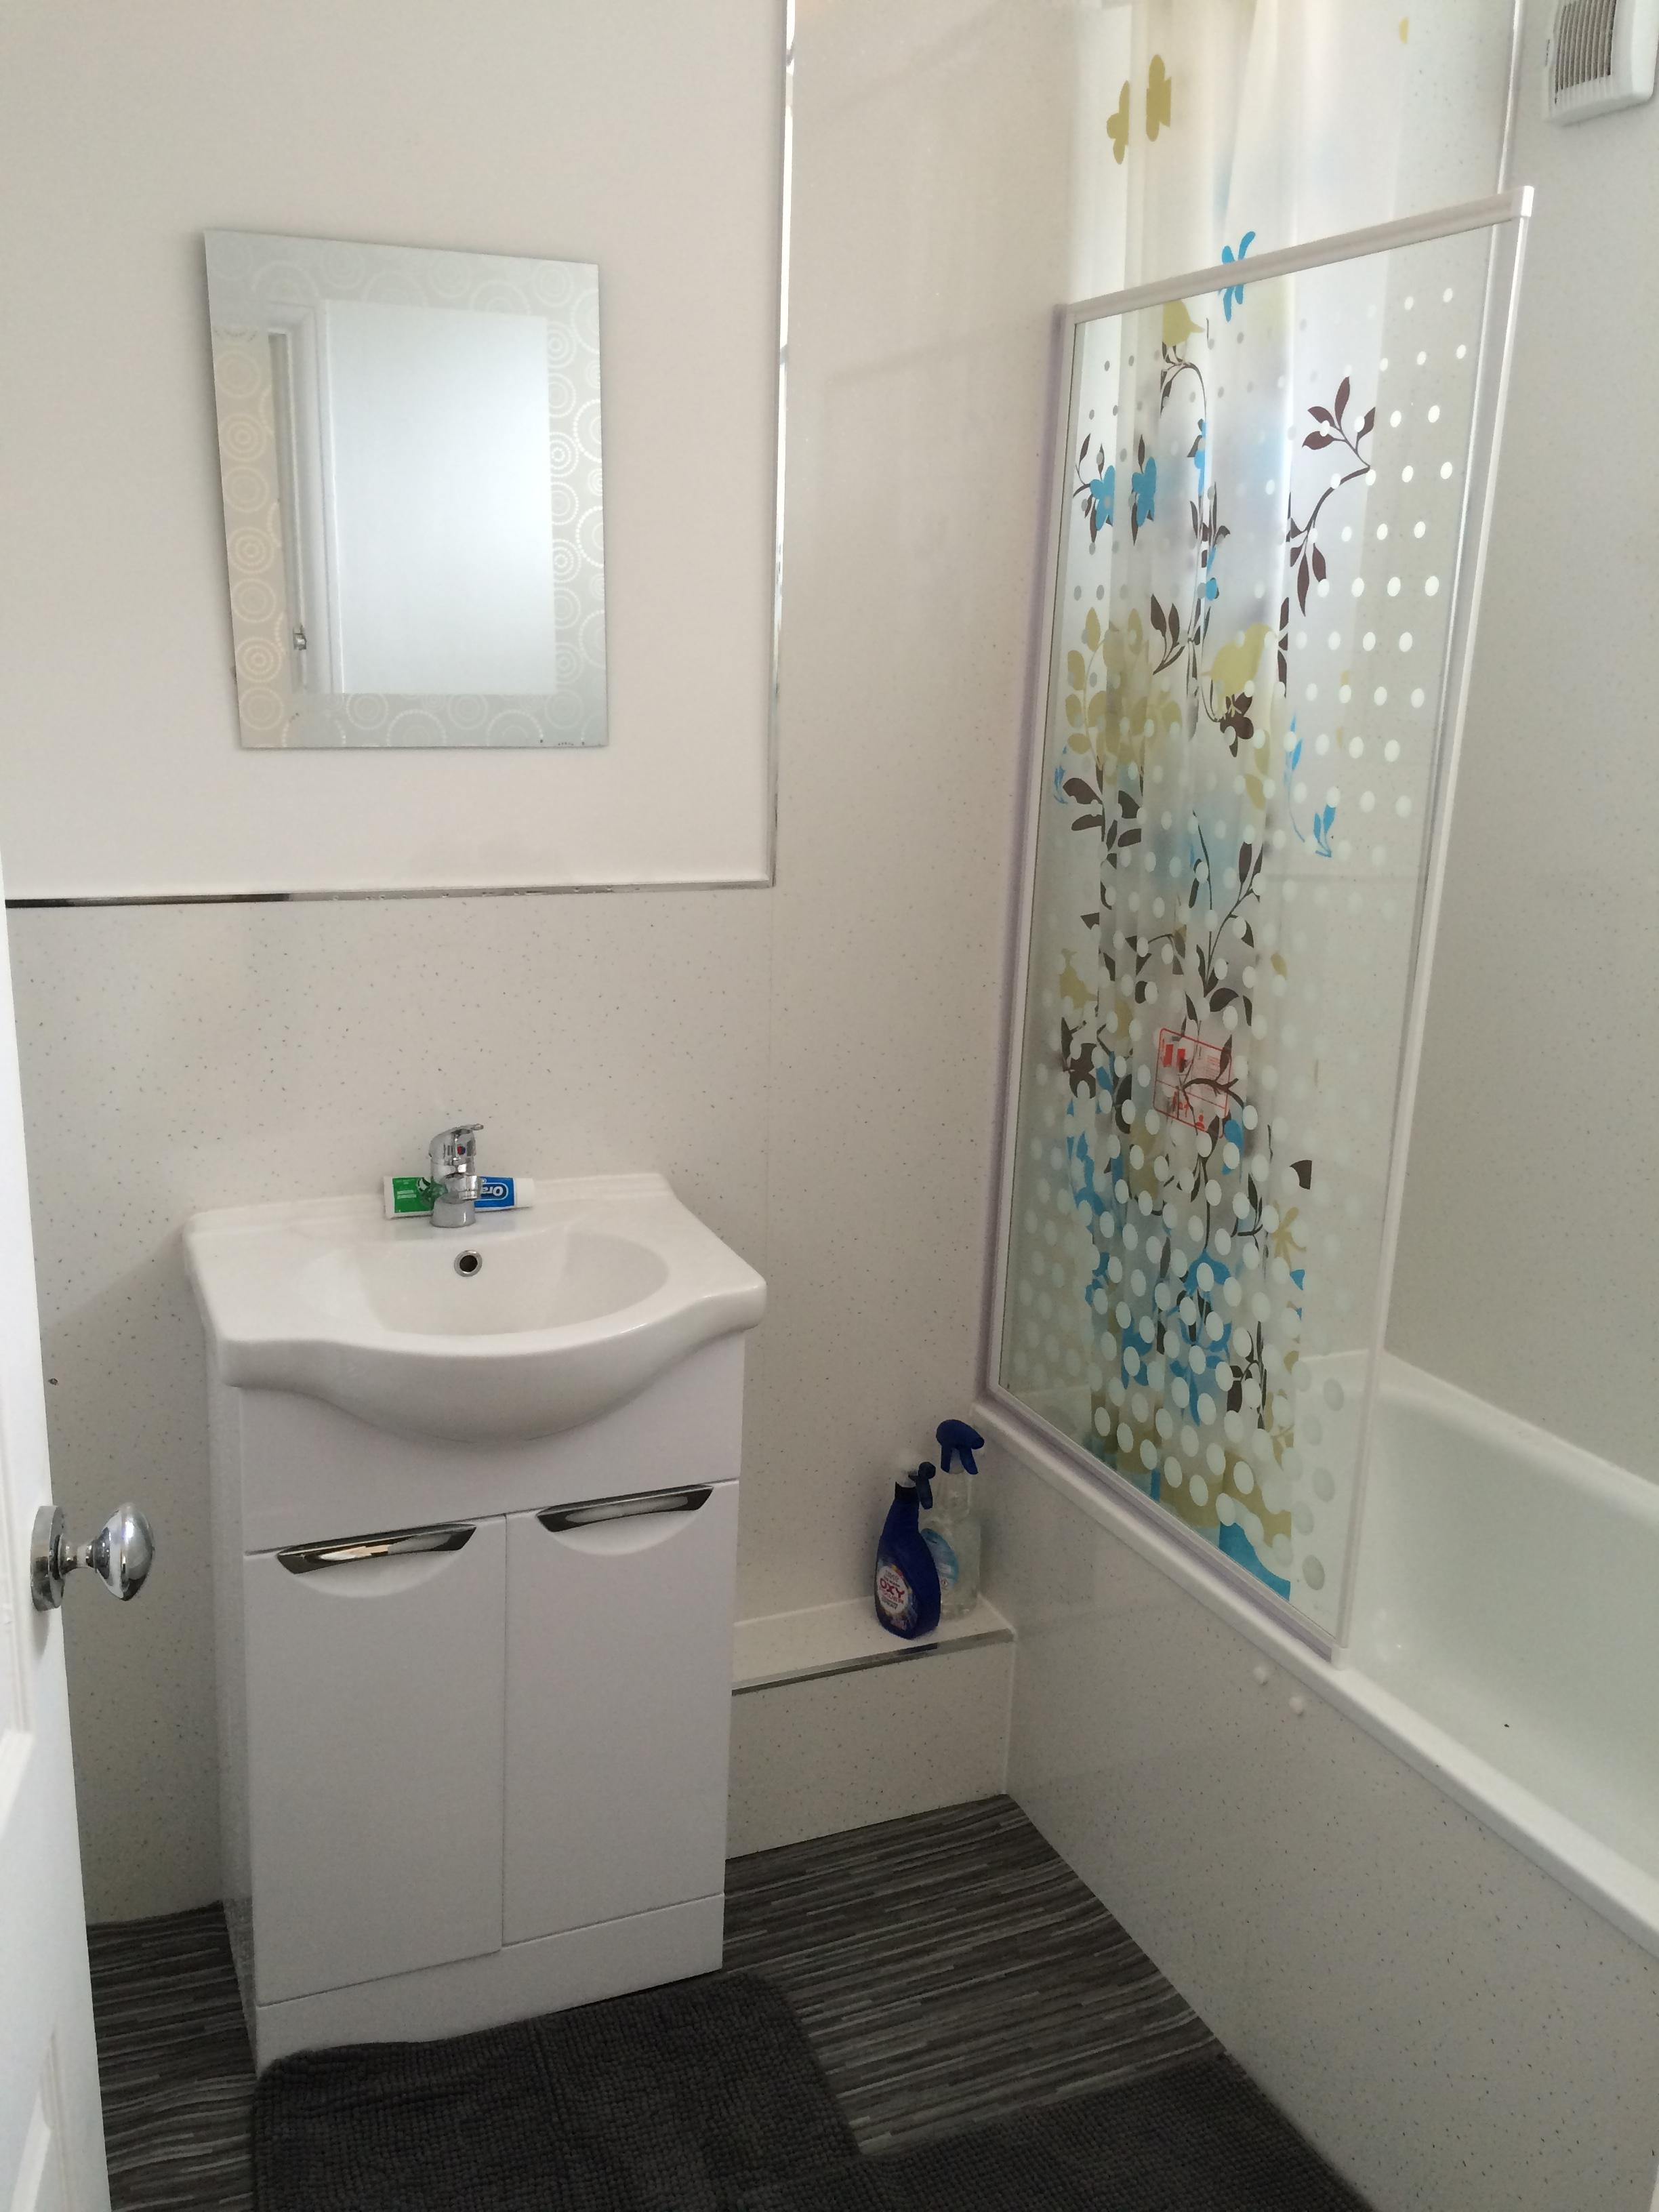 17 leeshall new bathroom sept 16